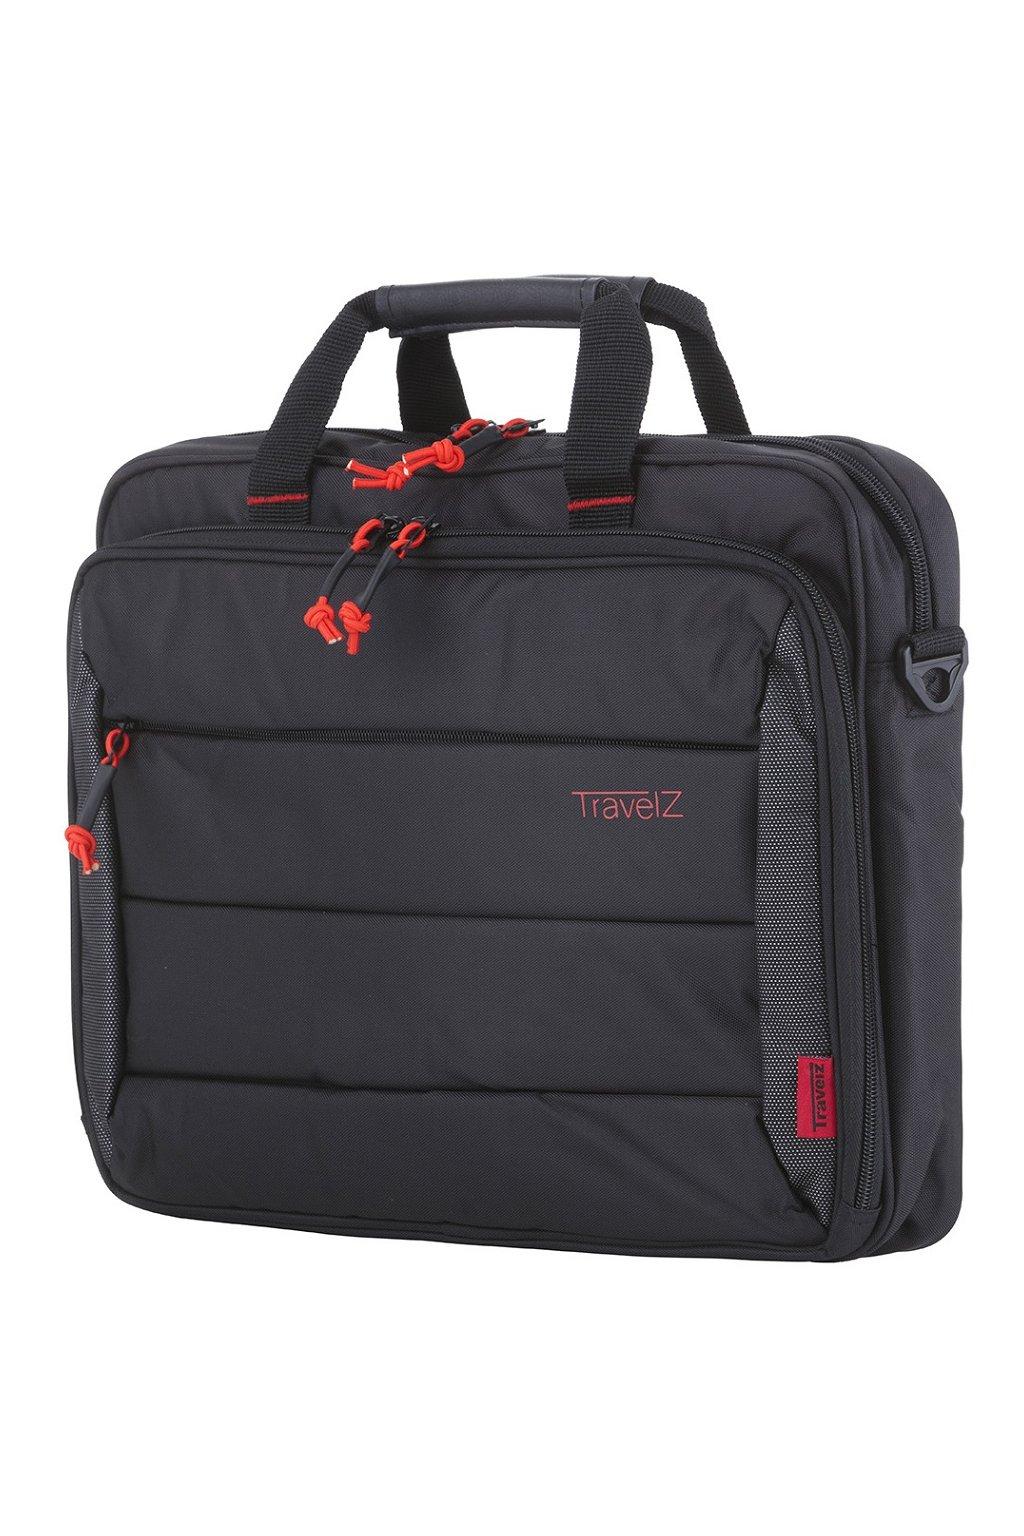 kufrland travelz laptopbag 604317 (4)